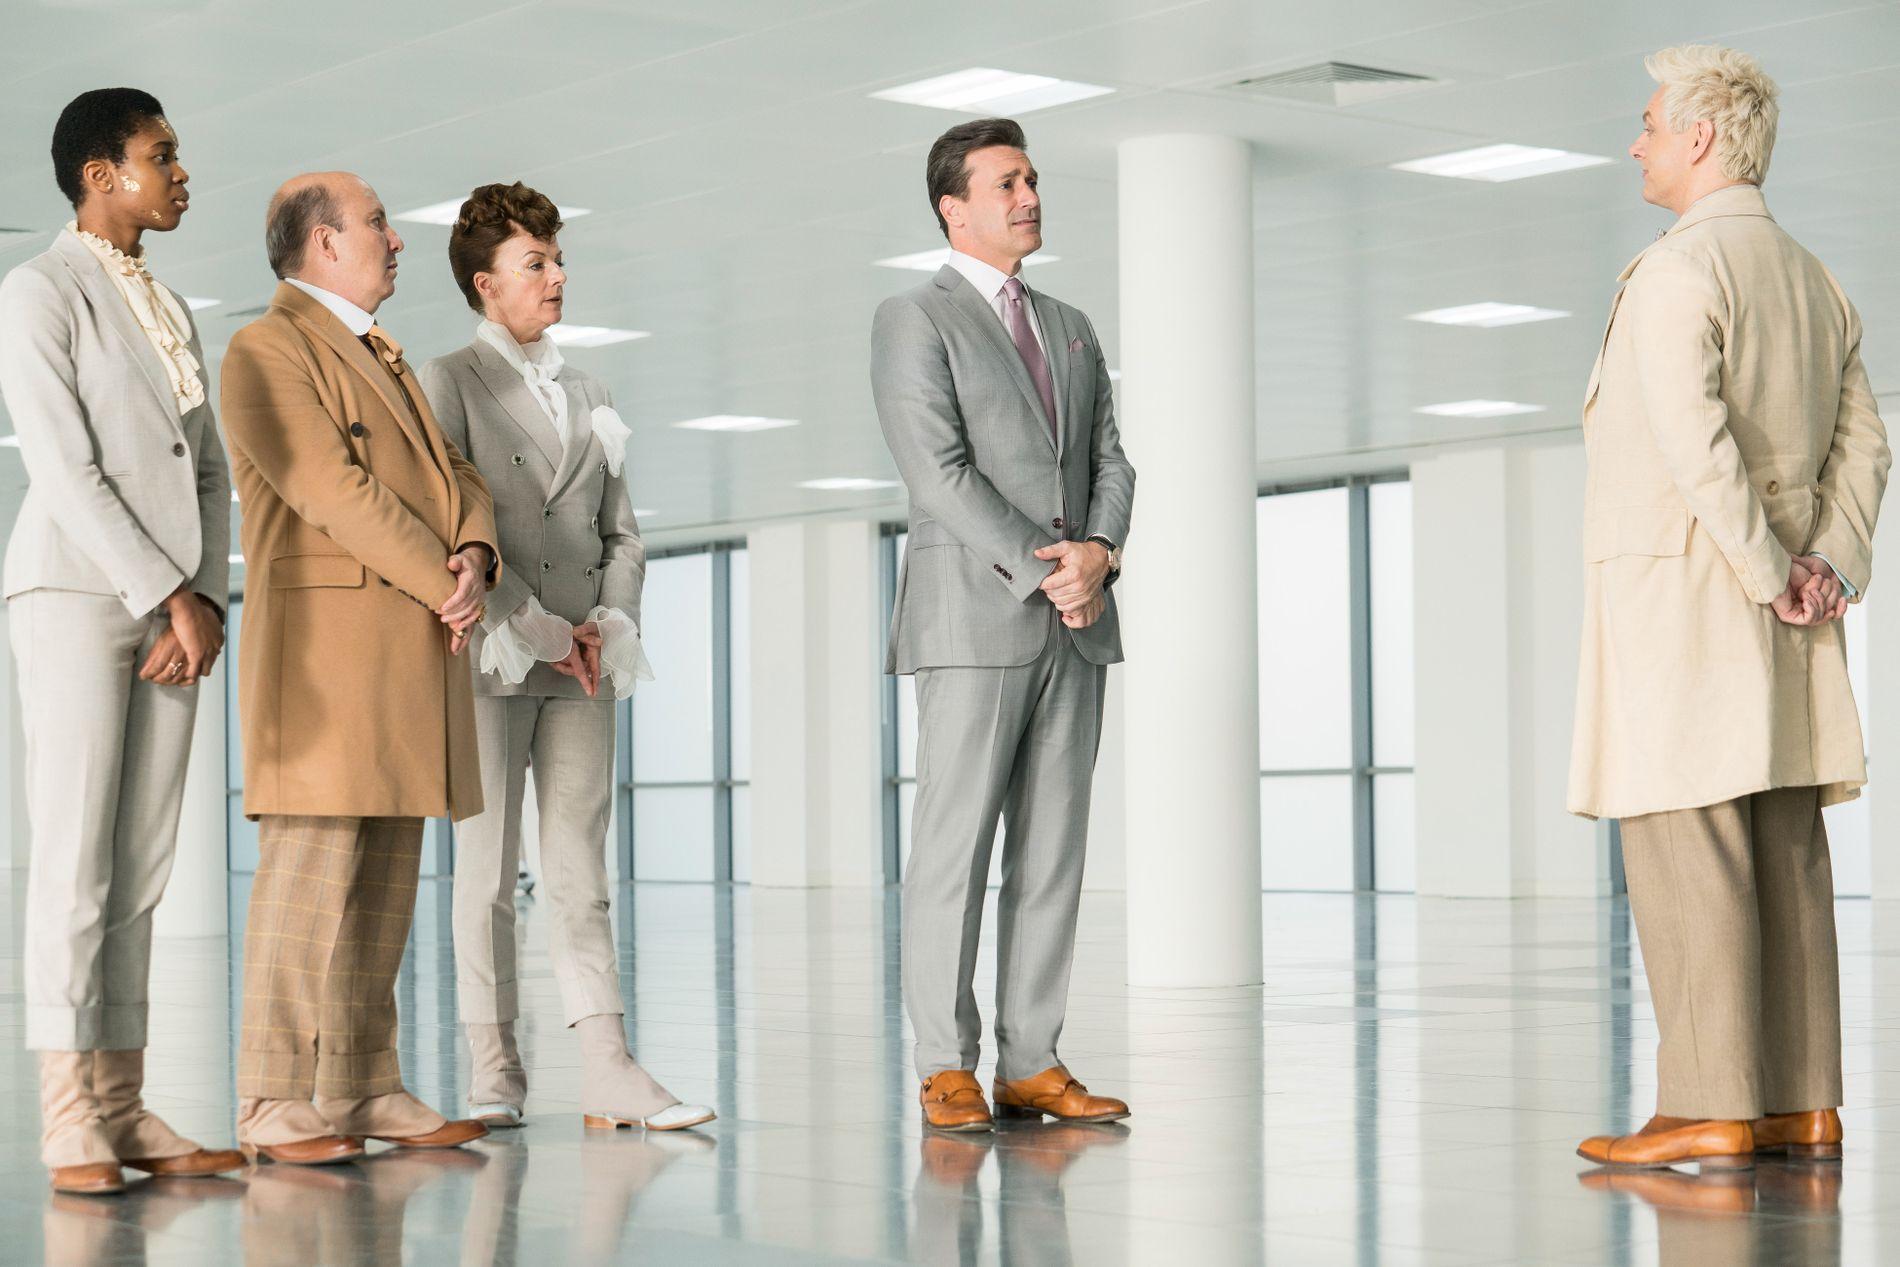 ERKELIG: Erkeengelen Gabriel (Jon Hamm) er spent på hva Aziraphale (Michael Sheen) synes om siste sesong av «Mad Men».